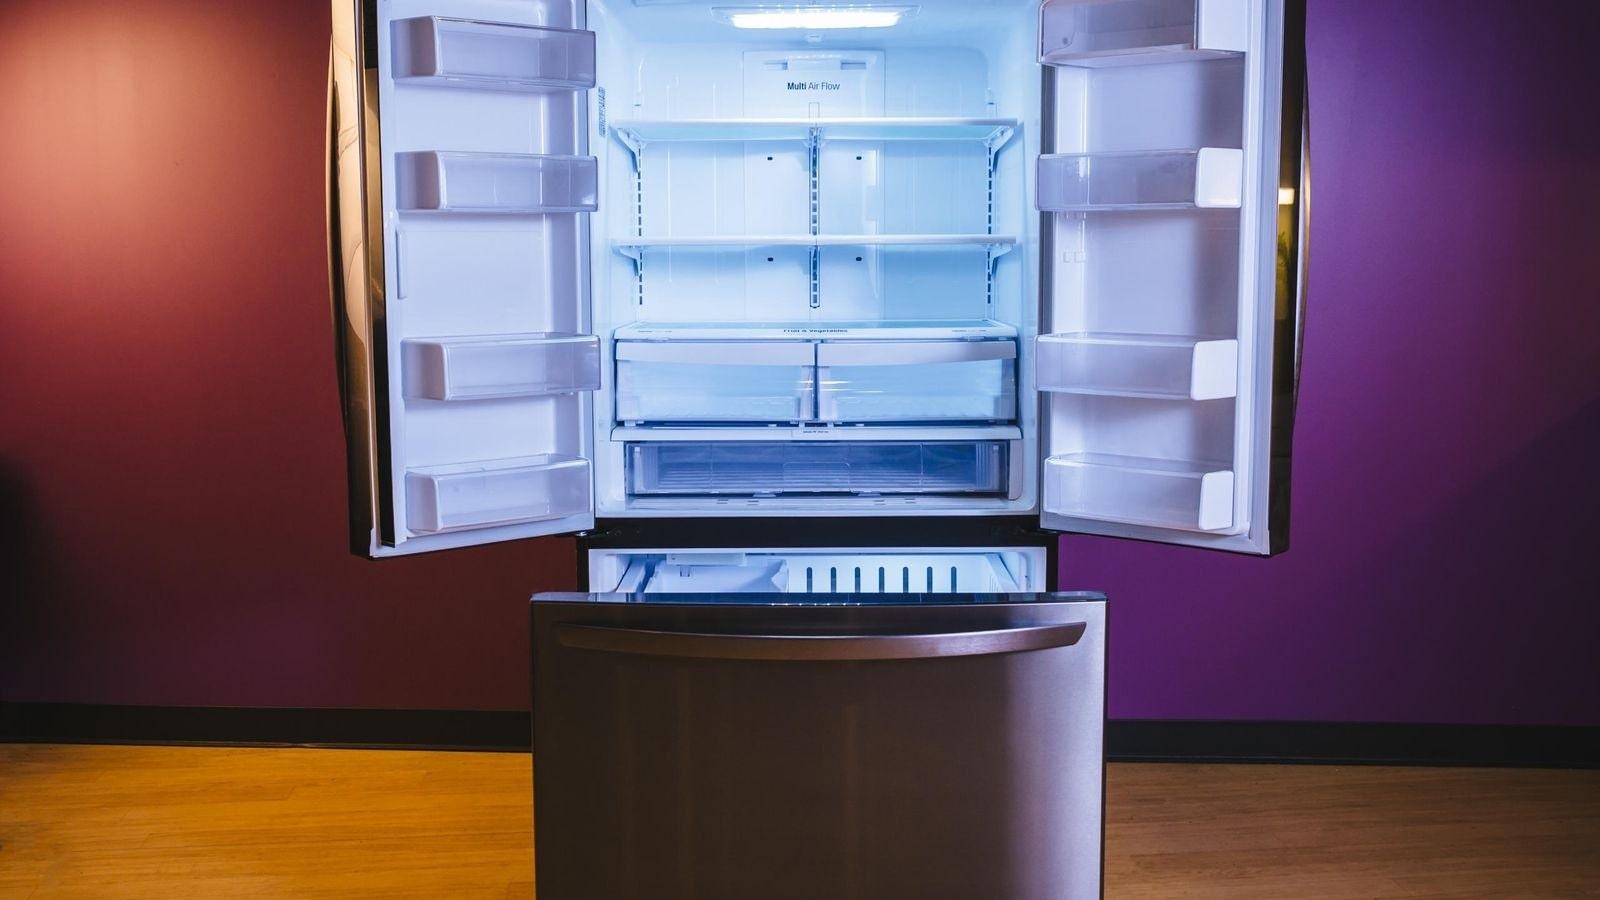 یخچال و فریزر امرسان برای اصول نگهداری مواد غذایی | فروشگاه اینترنتی امرسان